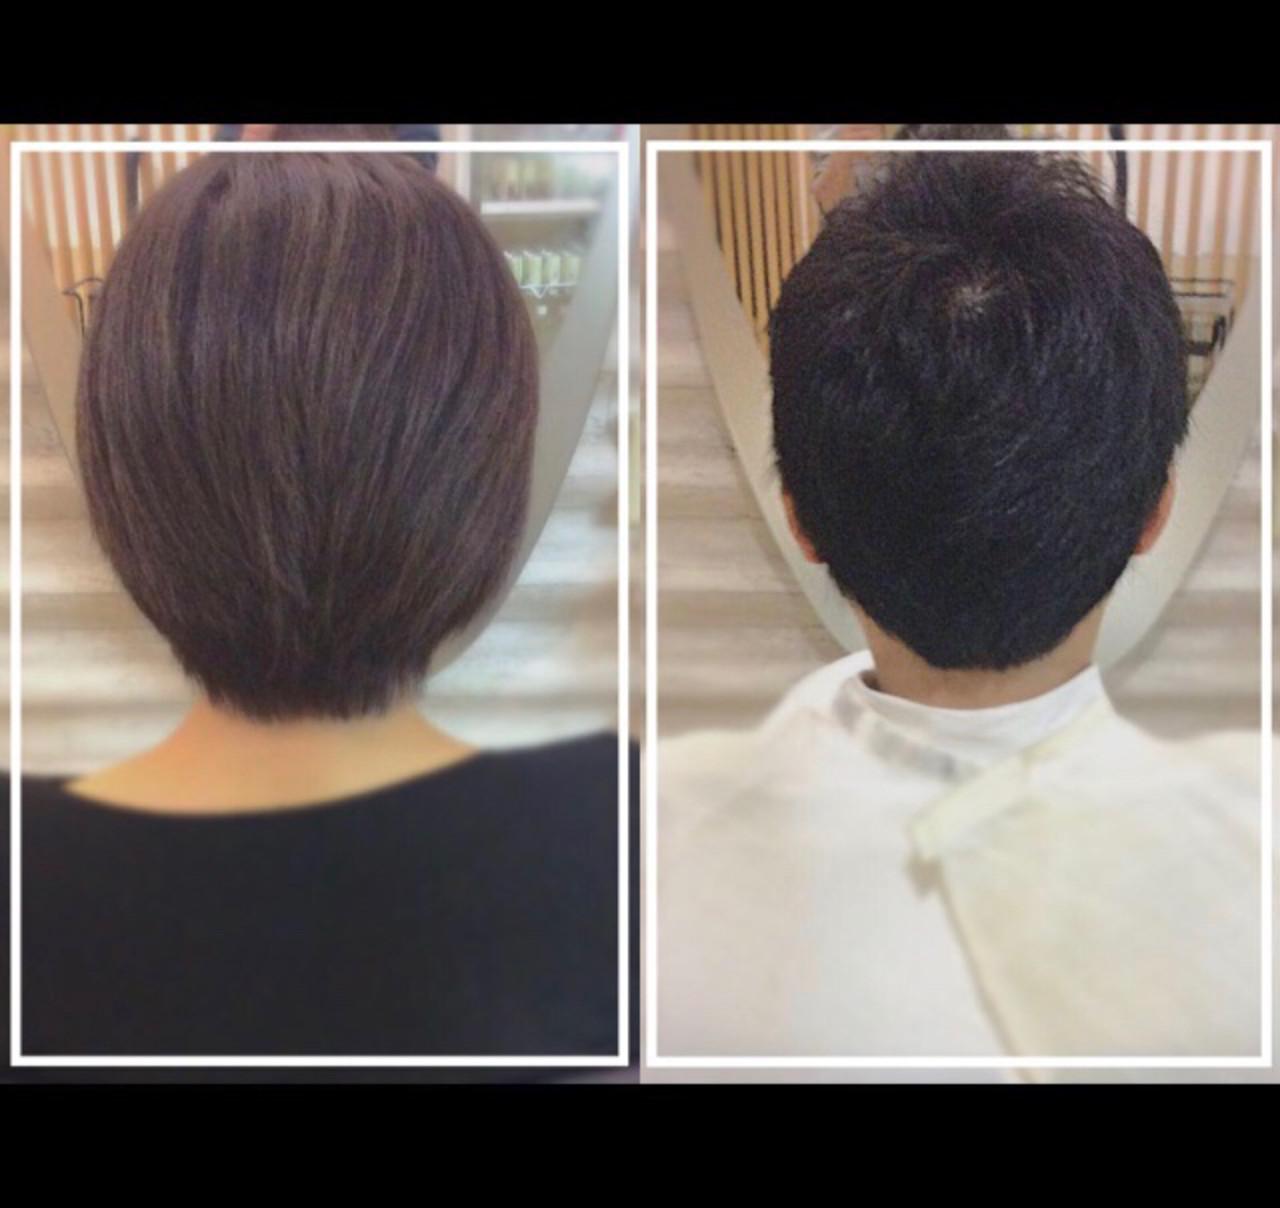 ショート メンズショート ナチュラル メンズスタイル ヘアスタイルや髪型の写真・画像 | KON / &g